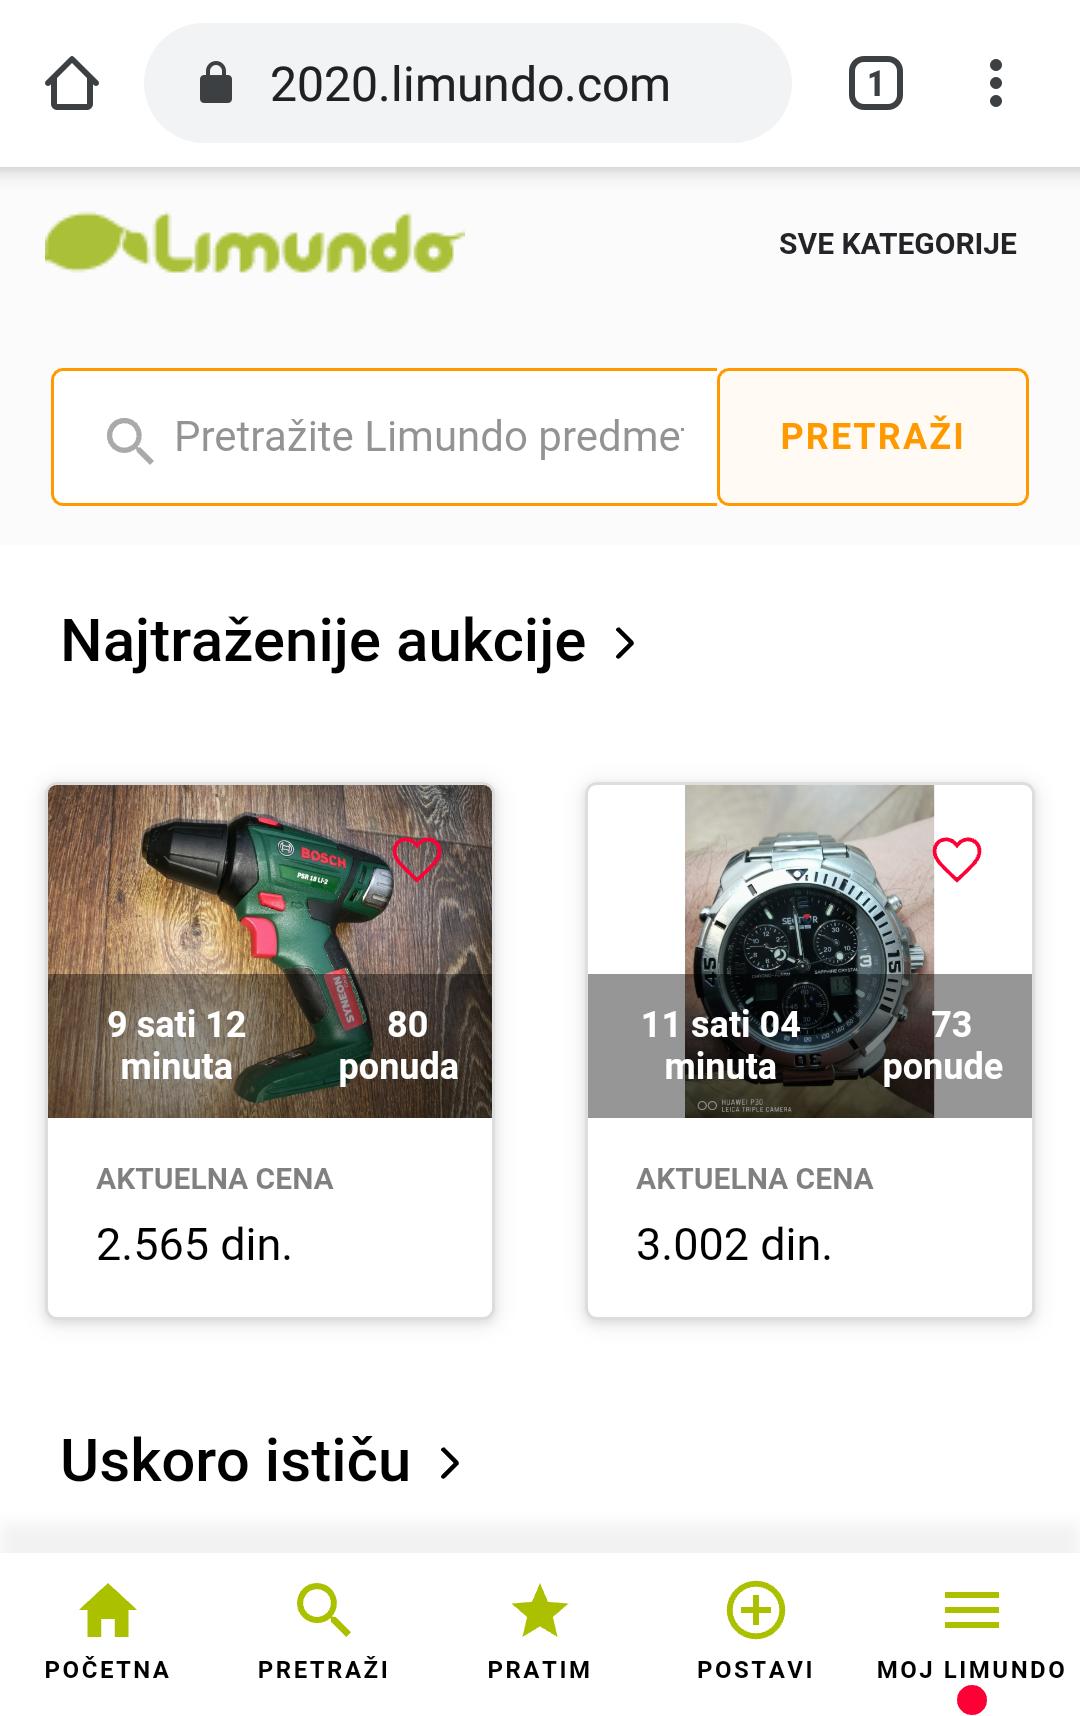 Mobilna verzija - Limundo 2020